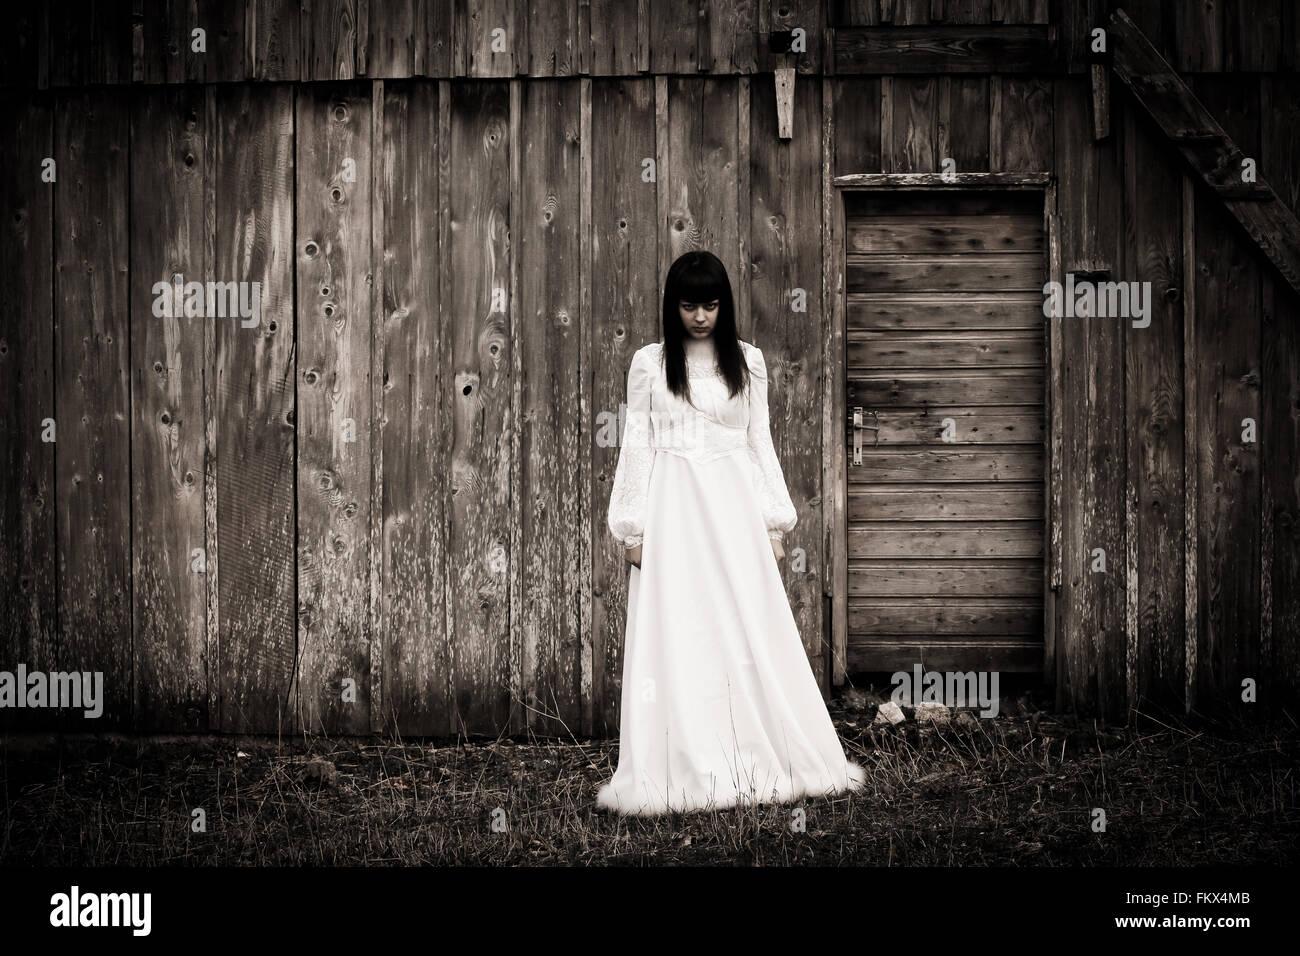 Escena de terror de una mujer asustadiza Imagen De Stock